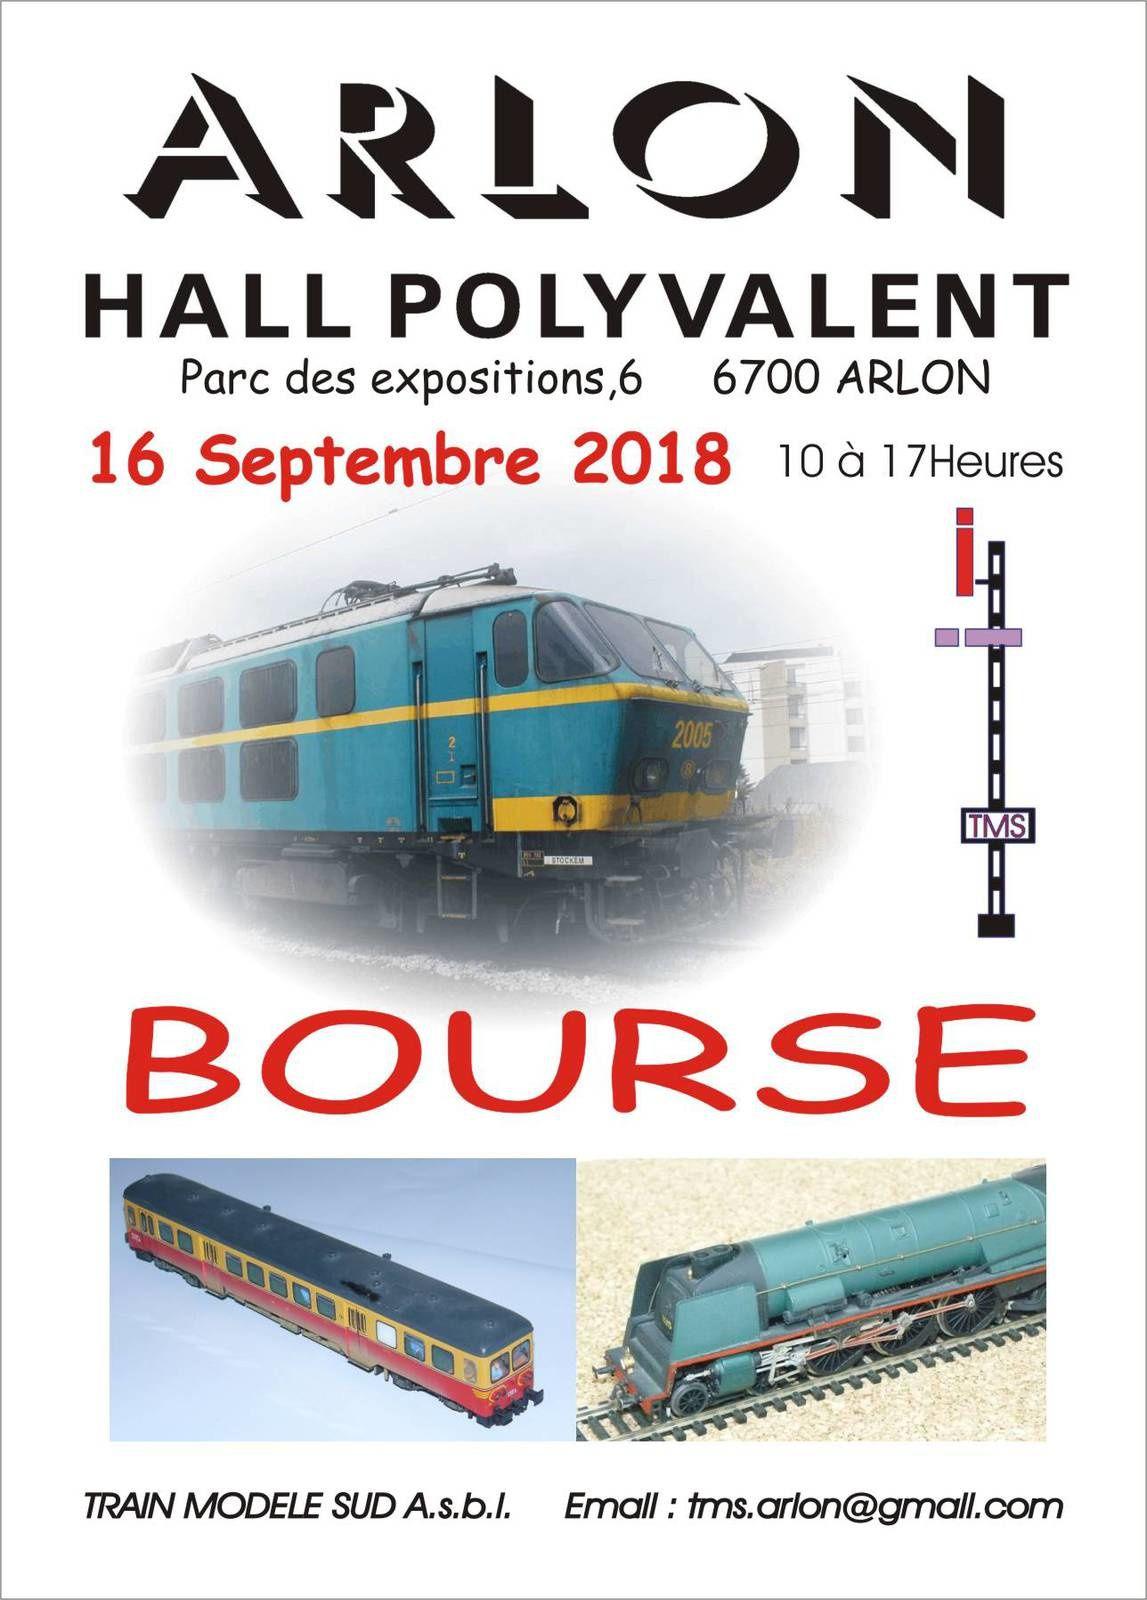 Bourse à Arlon ce dimanche 16 septembre 2018 Ob_aac251_flyer-a6-109-x-152-page-recto-francai